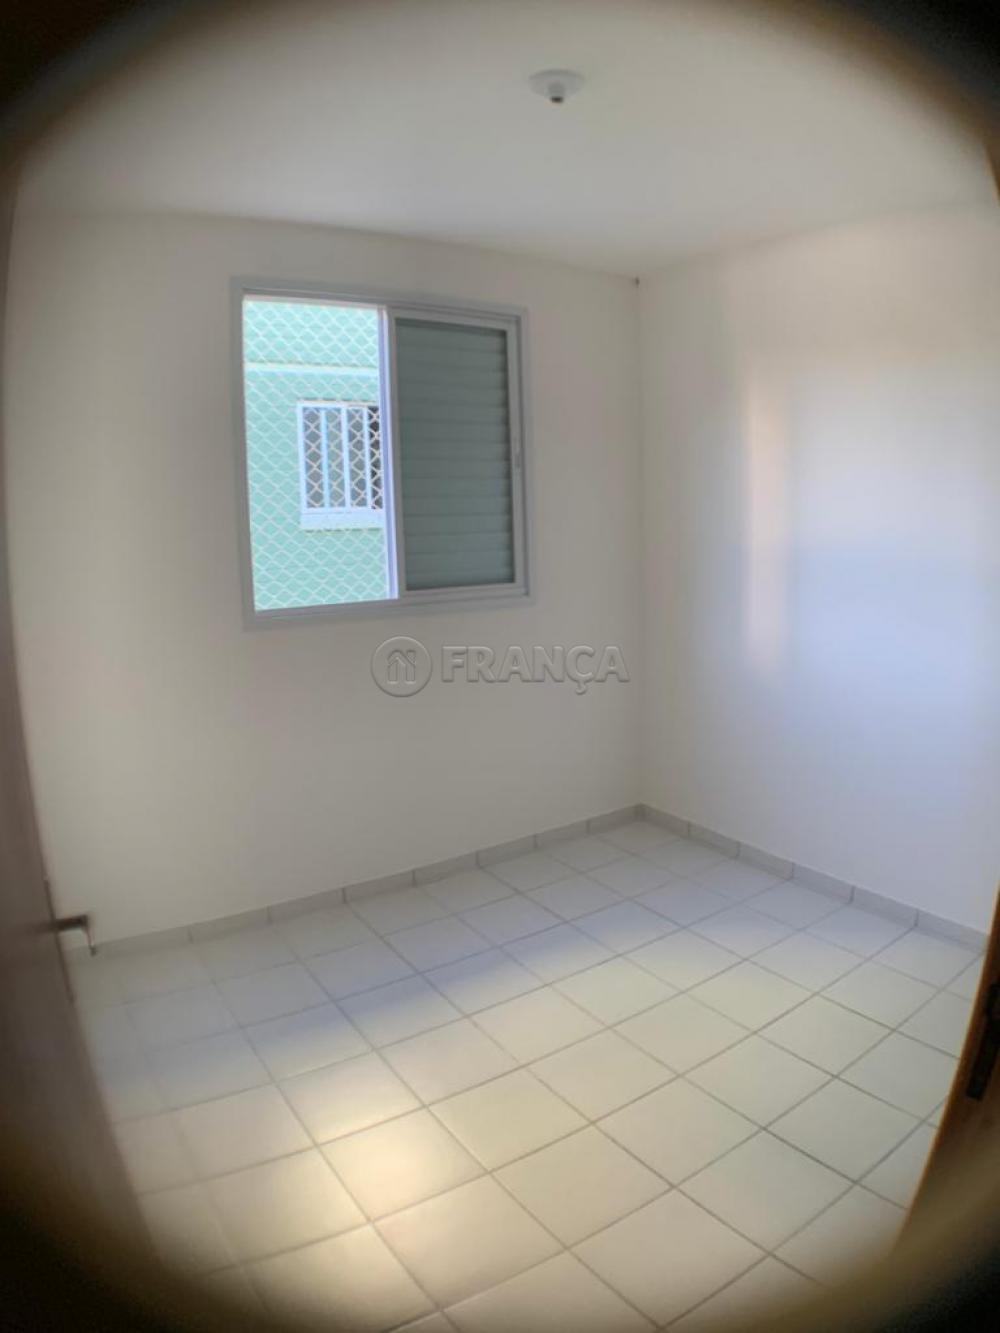 Alugar Apartamento / Padrão em Jacareí apenas R$ 700,00 - Foto 8